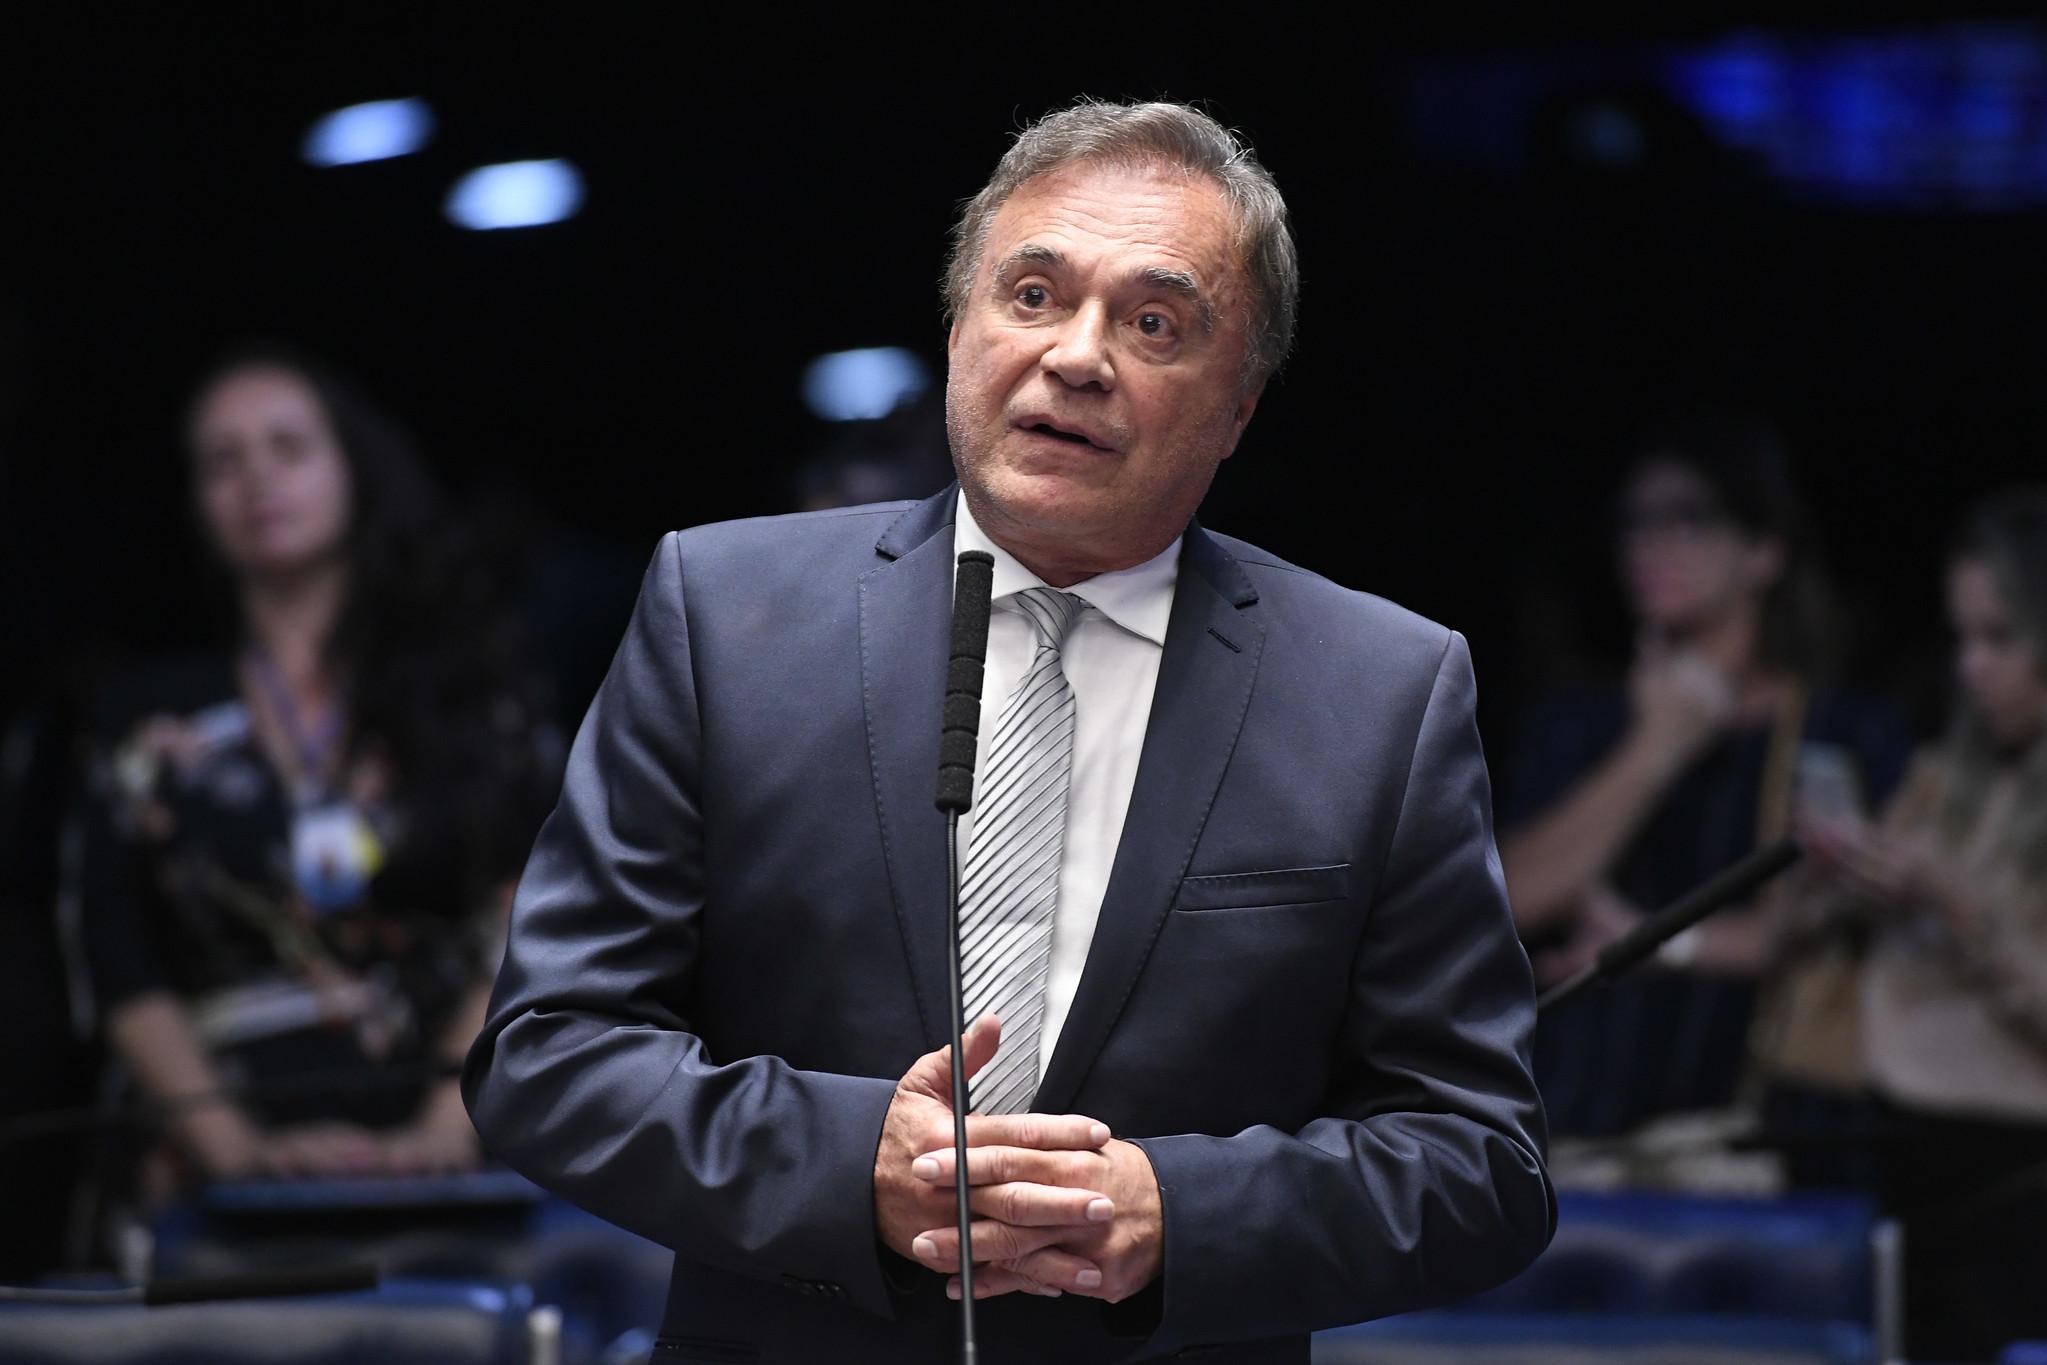 """IMAGEM: Sem decisão sobre 2022, Alvaro Dias diz que cansou da política: """"O sistema não muda"""""""